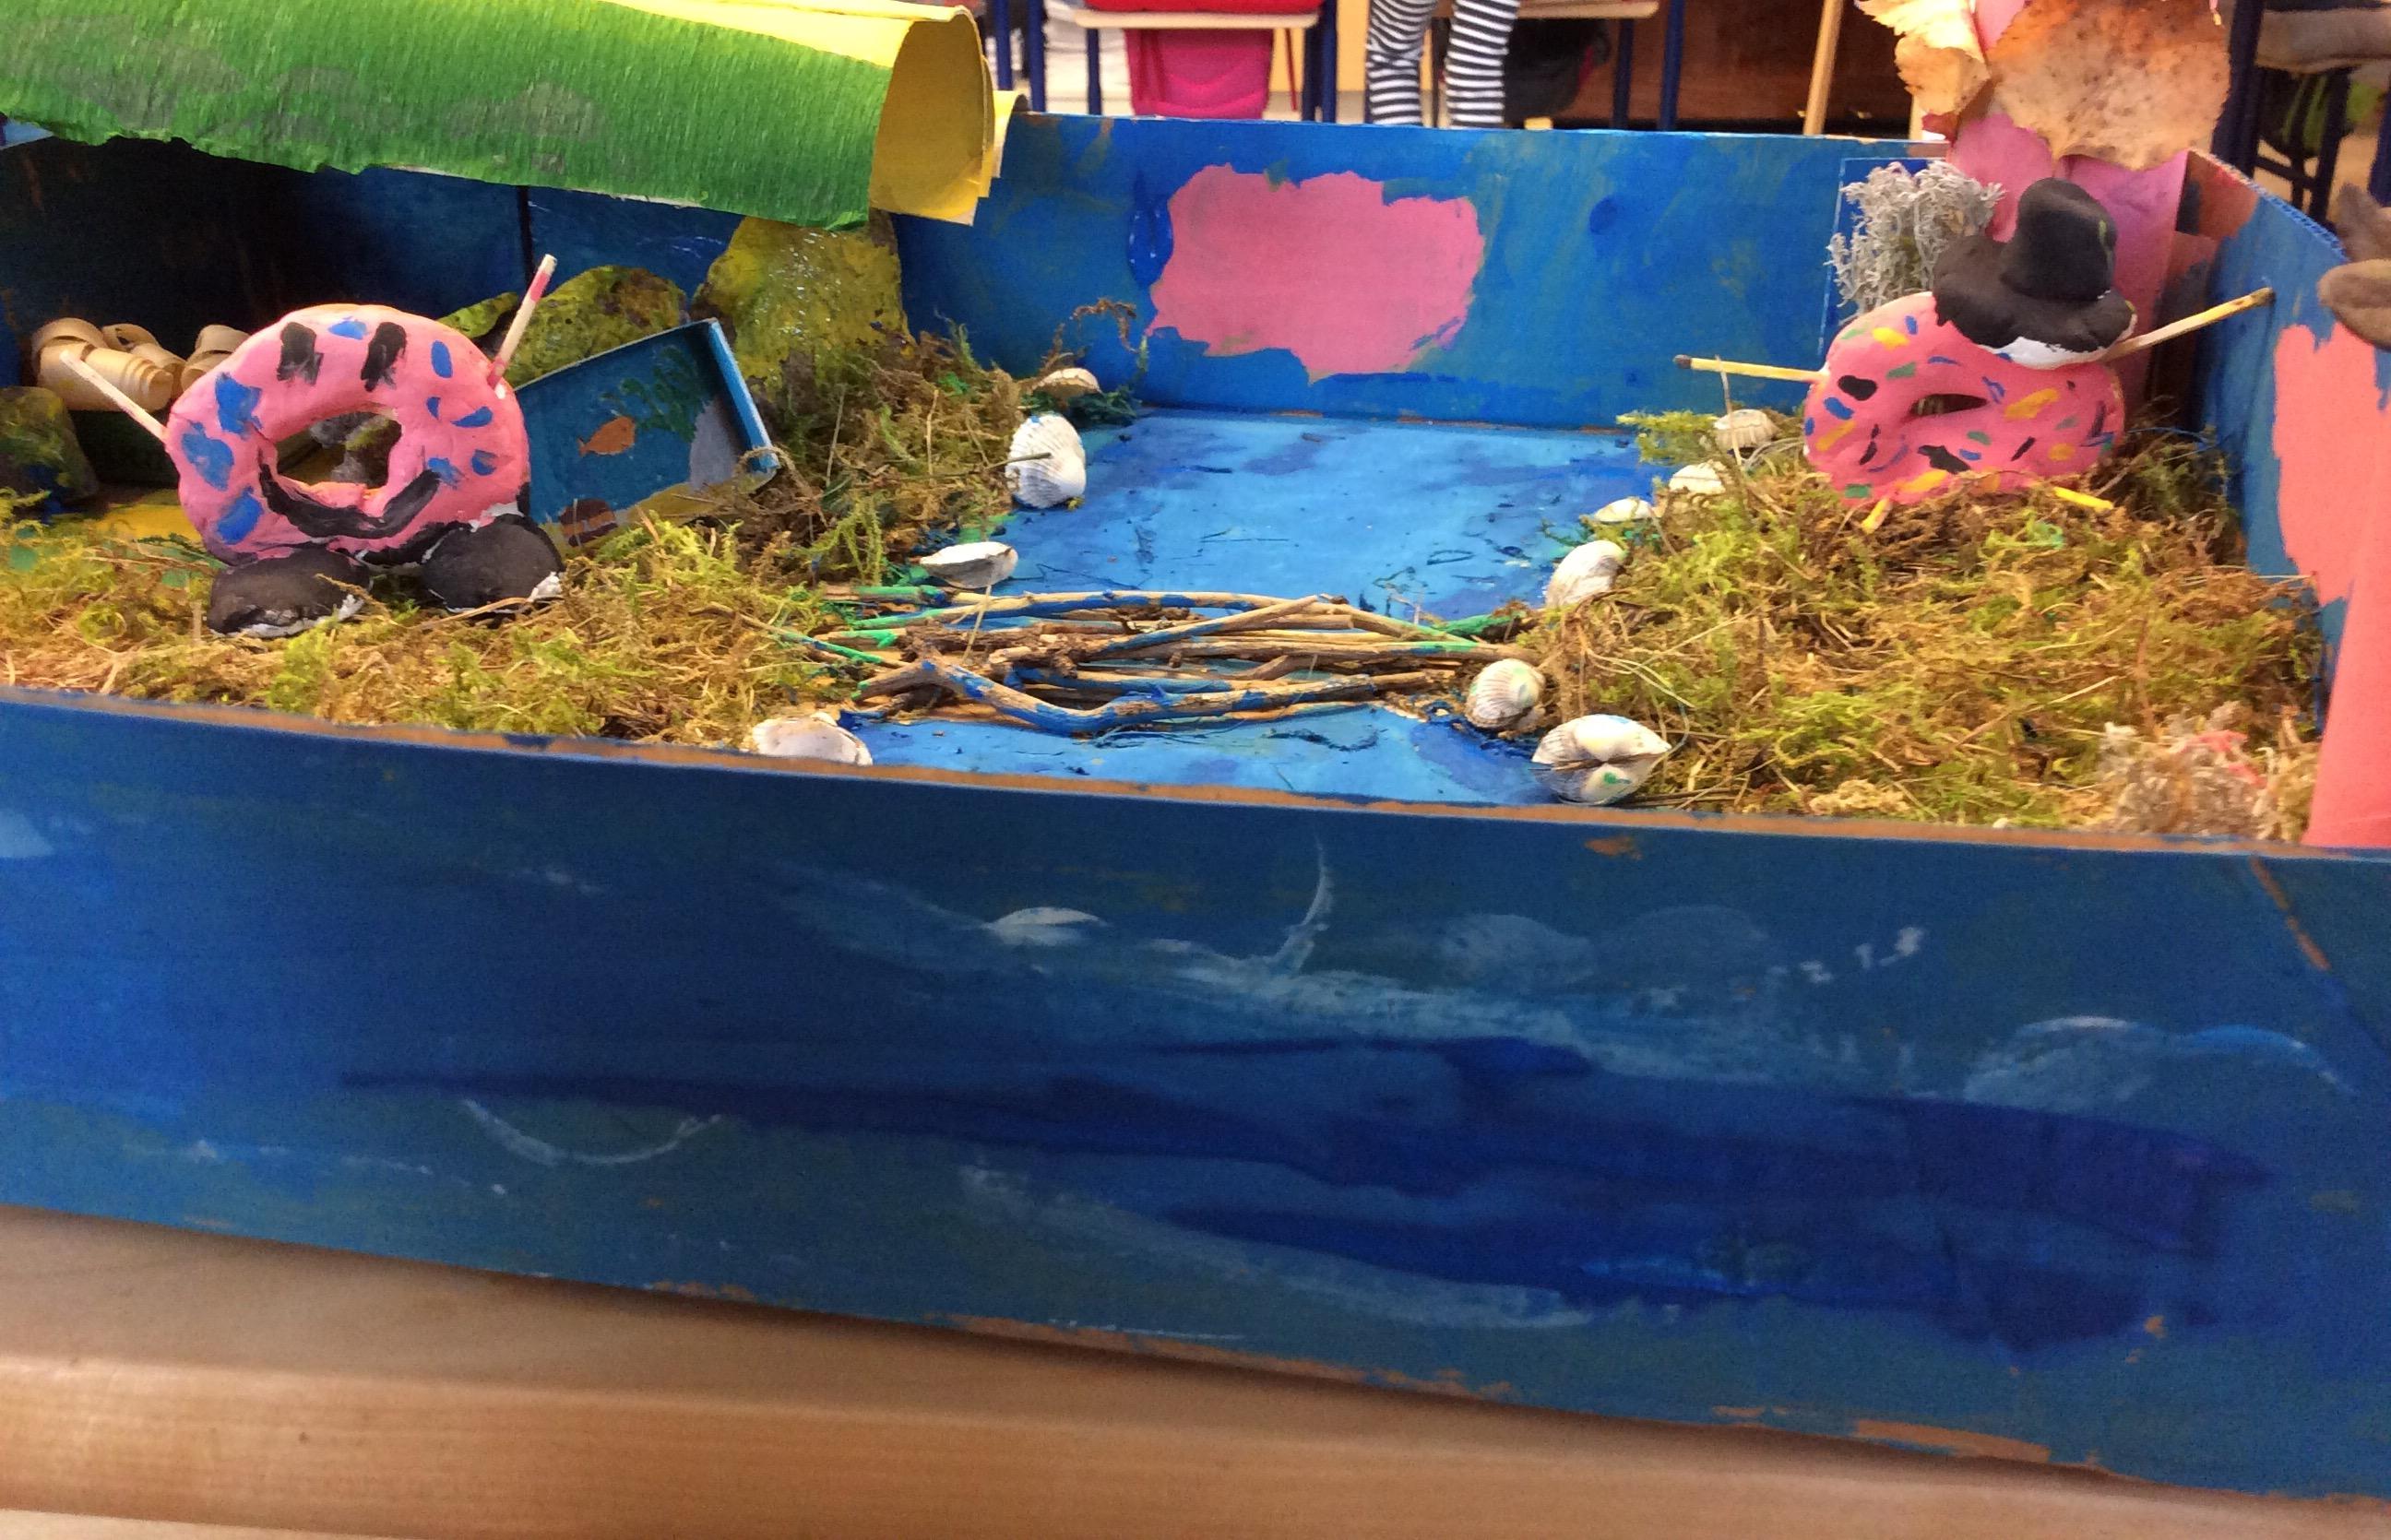 DONITSIEN SALAINEN AUKIO Donitsien salaisessa aukiosta asuu 2 donitsin joiden nimet ovat Lilja ja Ruusu joilla on lemmikkinä kultakala. Aukiolla on simpukoita, puolukoita, pinkkejä pilviä ,pinkkejä puita sekä joki josta menee silta toiselle puolelle. Ne syövät pastaa ja karkkia. Kirjoittajat: Linnea & Saaga